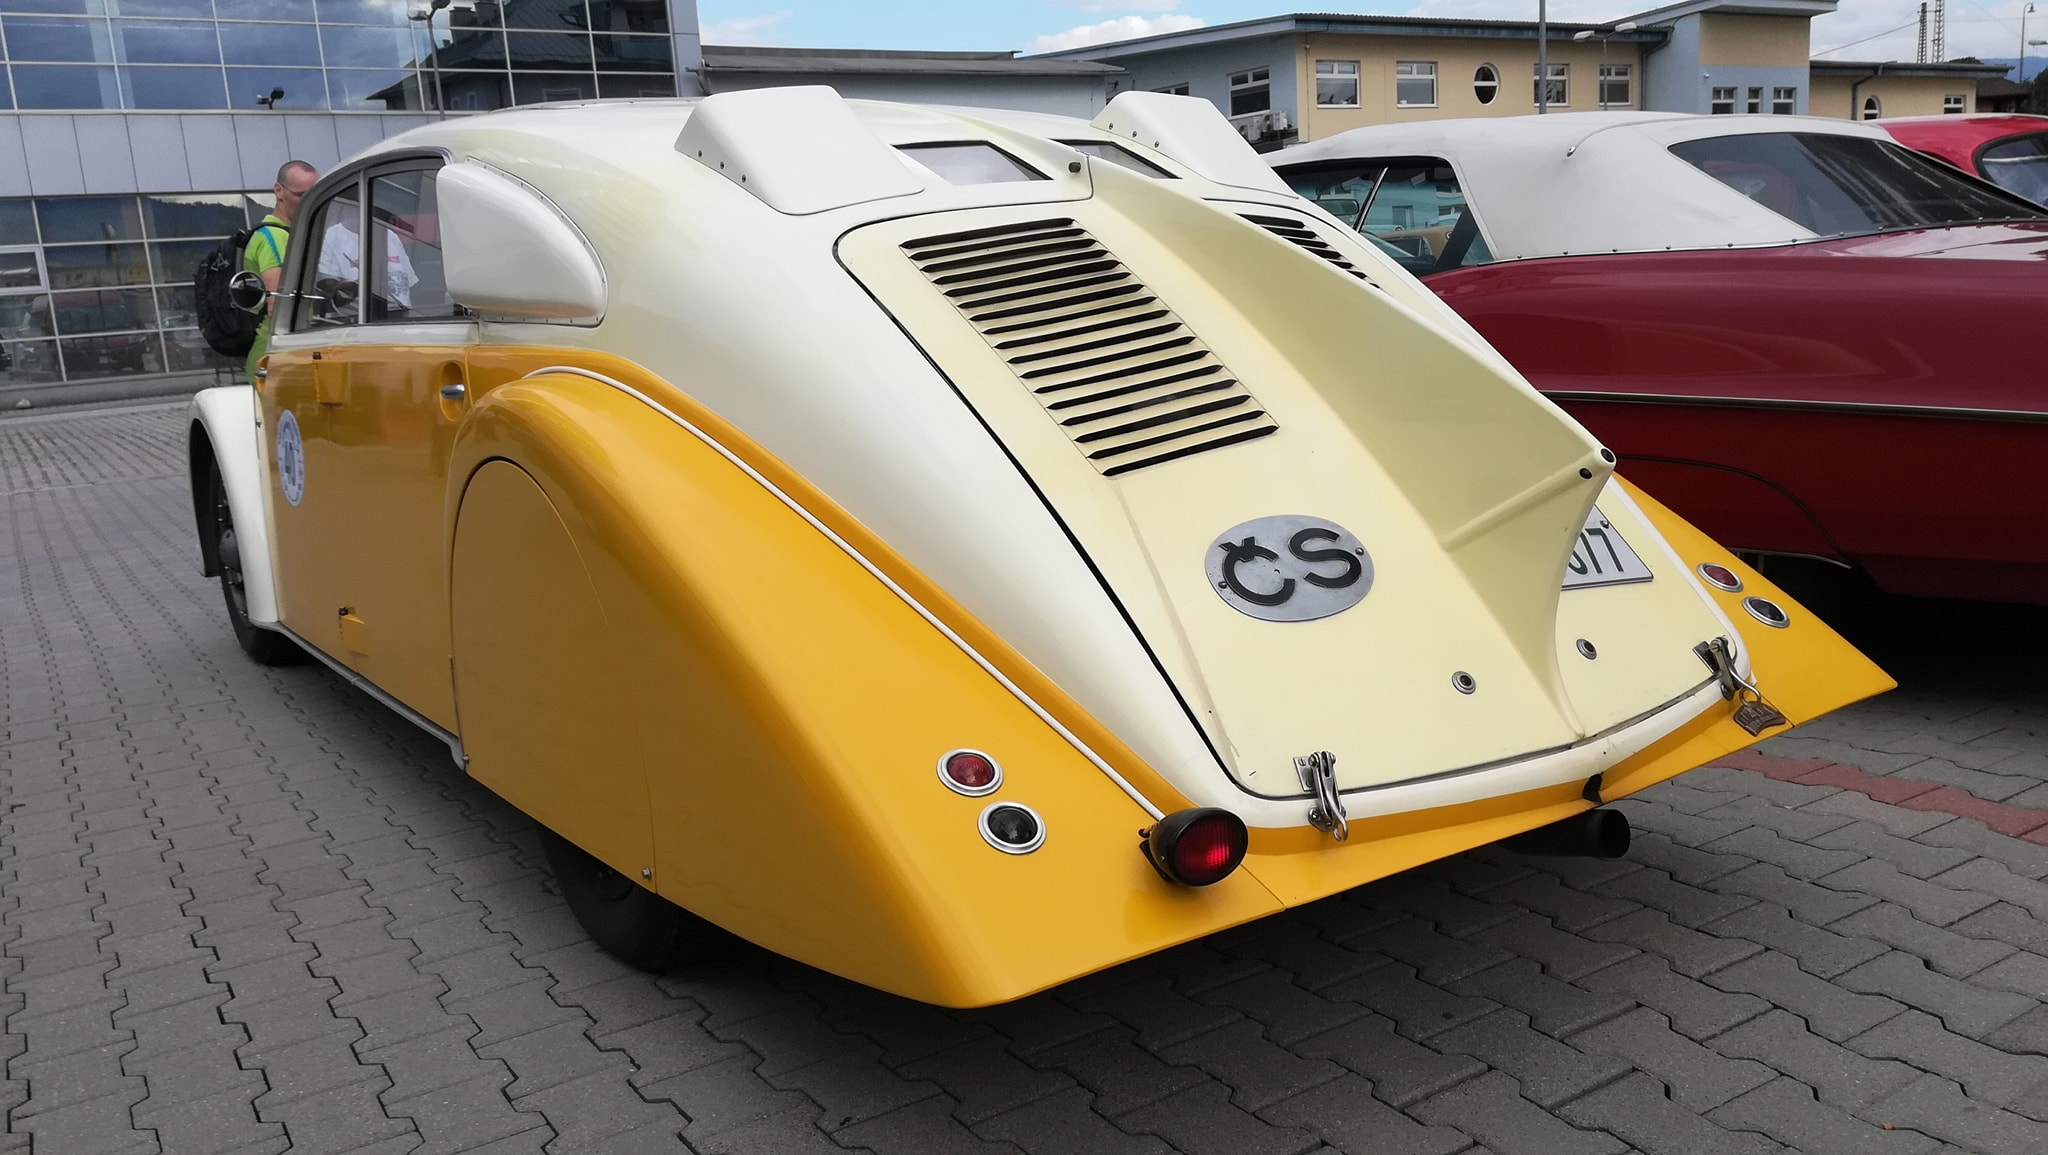 Tatra-77-1933-1934-klaar-gemaakt-voor-rally-1000-mij-in-CZ--(10)